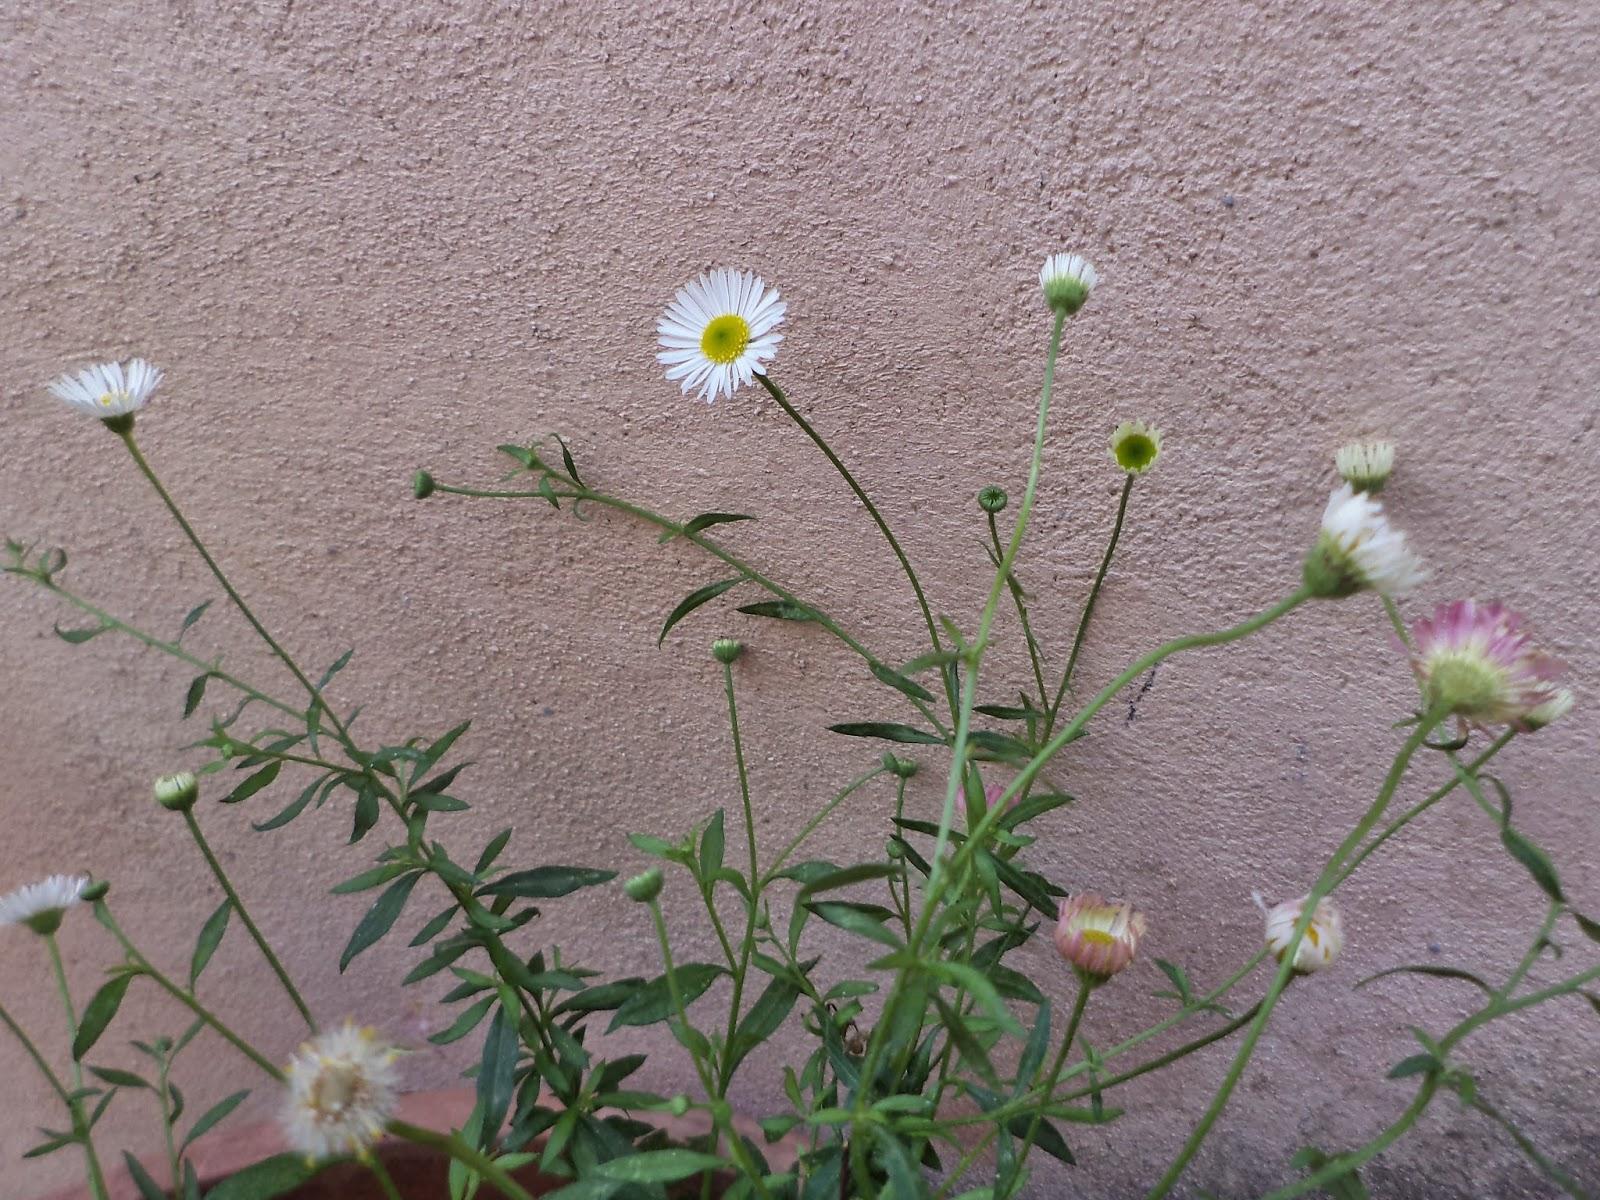 Il calesse e 39 vero che il mio giardino pieno di amici solo che sono muti elizabeth von arnim - Il giardino di elizabeth ...